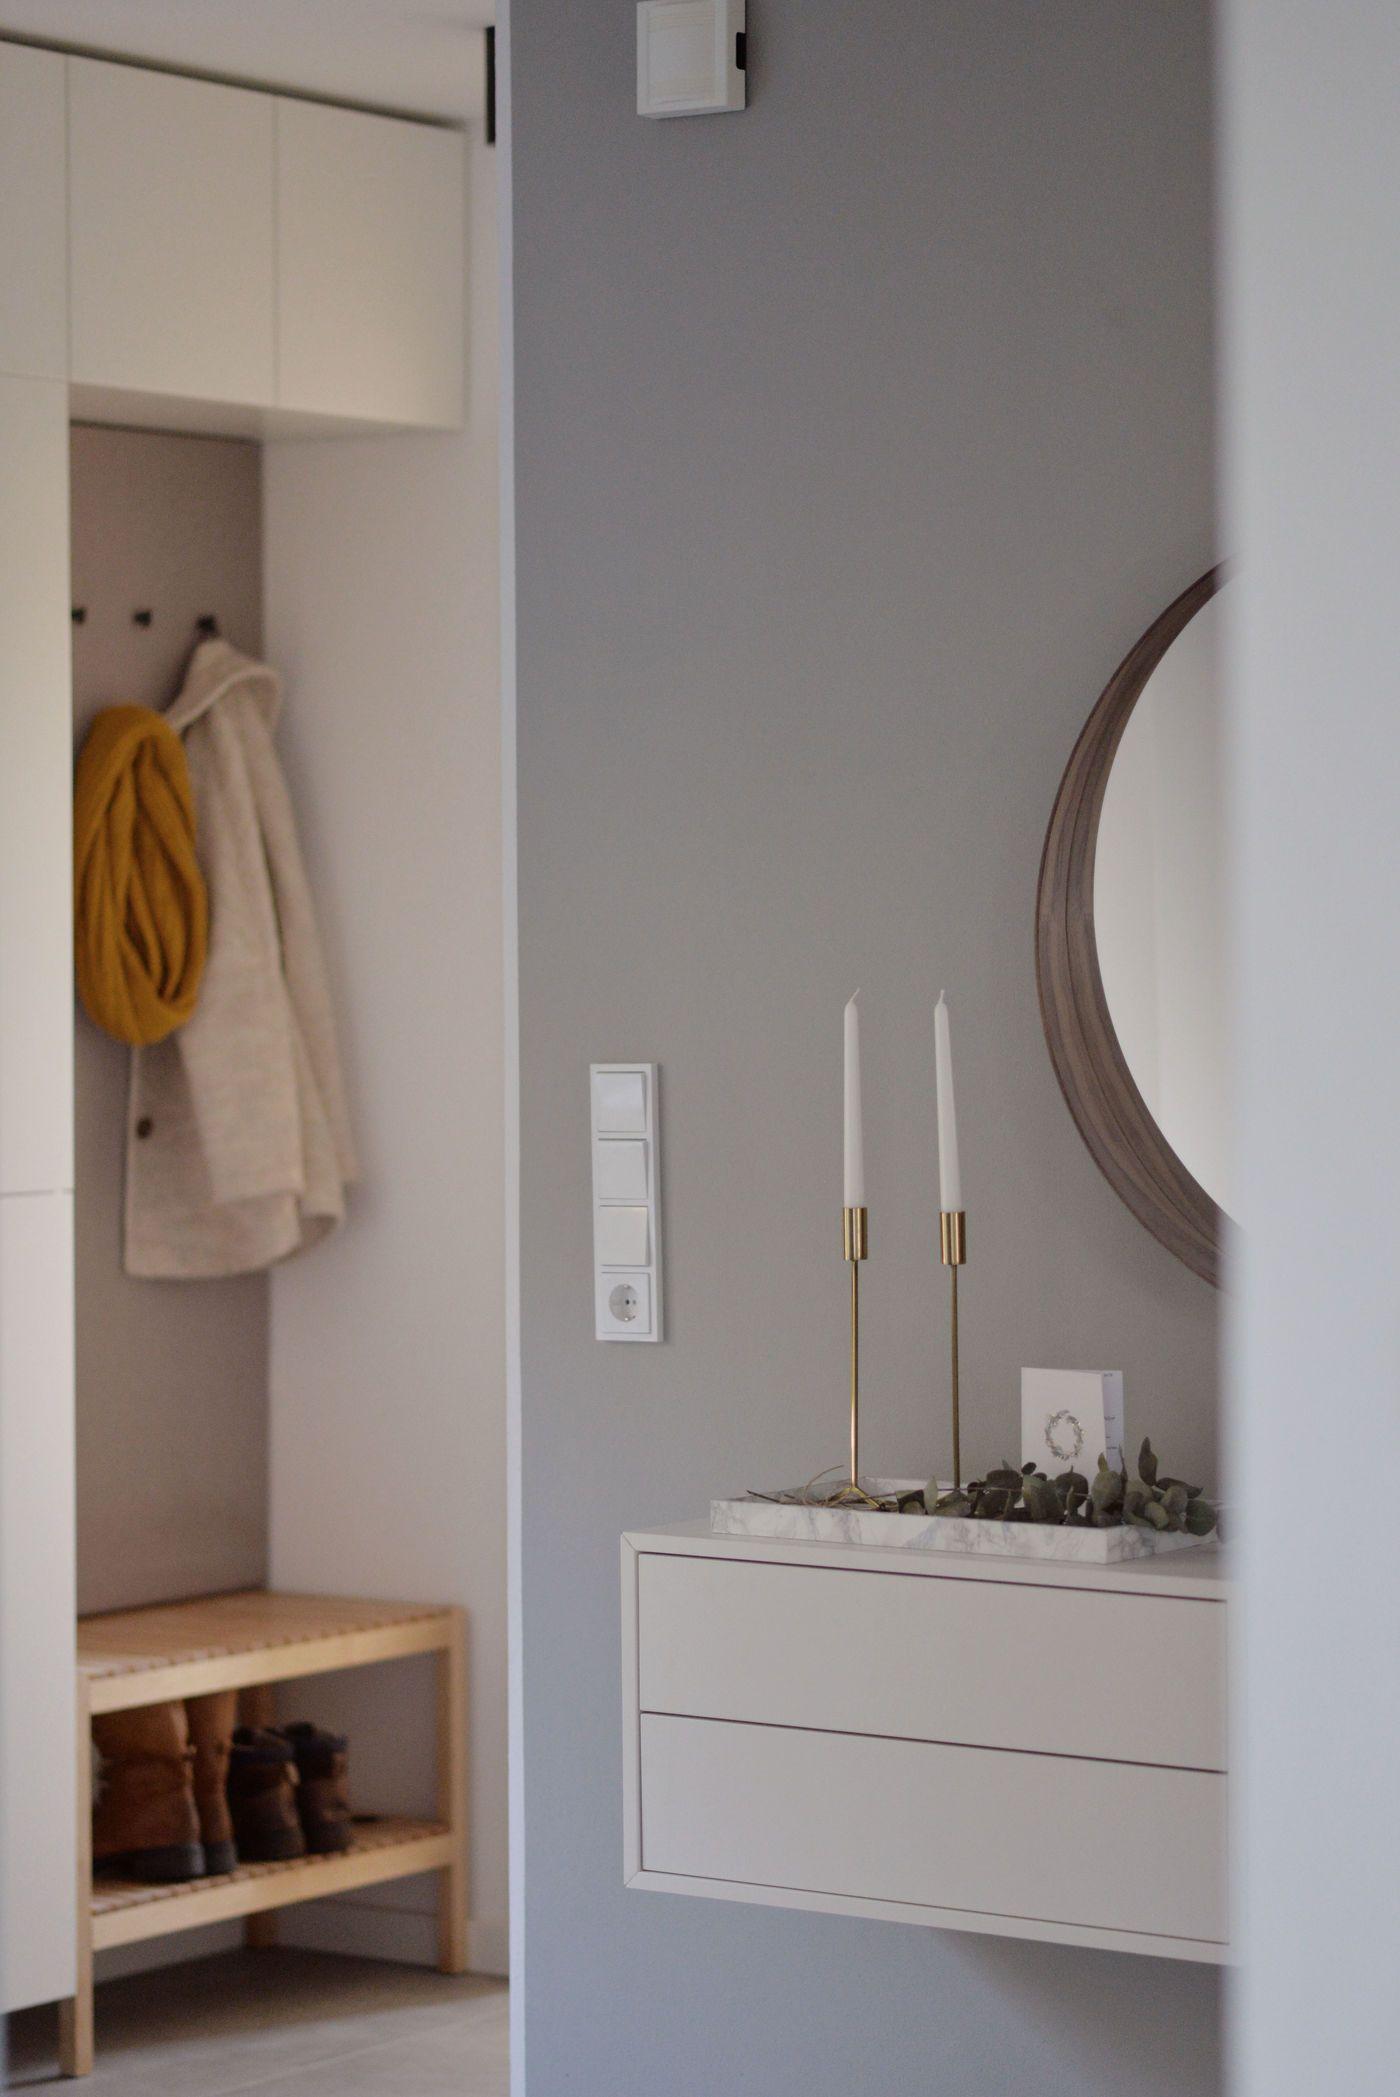 Full Size of Ikea Hack Sitzbank Esszimmer Besten Ideen Fr Hacks Modulküche Schlafzimmer Küche Kaufen Garten Kosten Sofa Für Betten Bei Bad Mit Schlaffunktion Lehne Wohnzimmer Ikea Hack Sitzbank Esszimmer